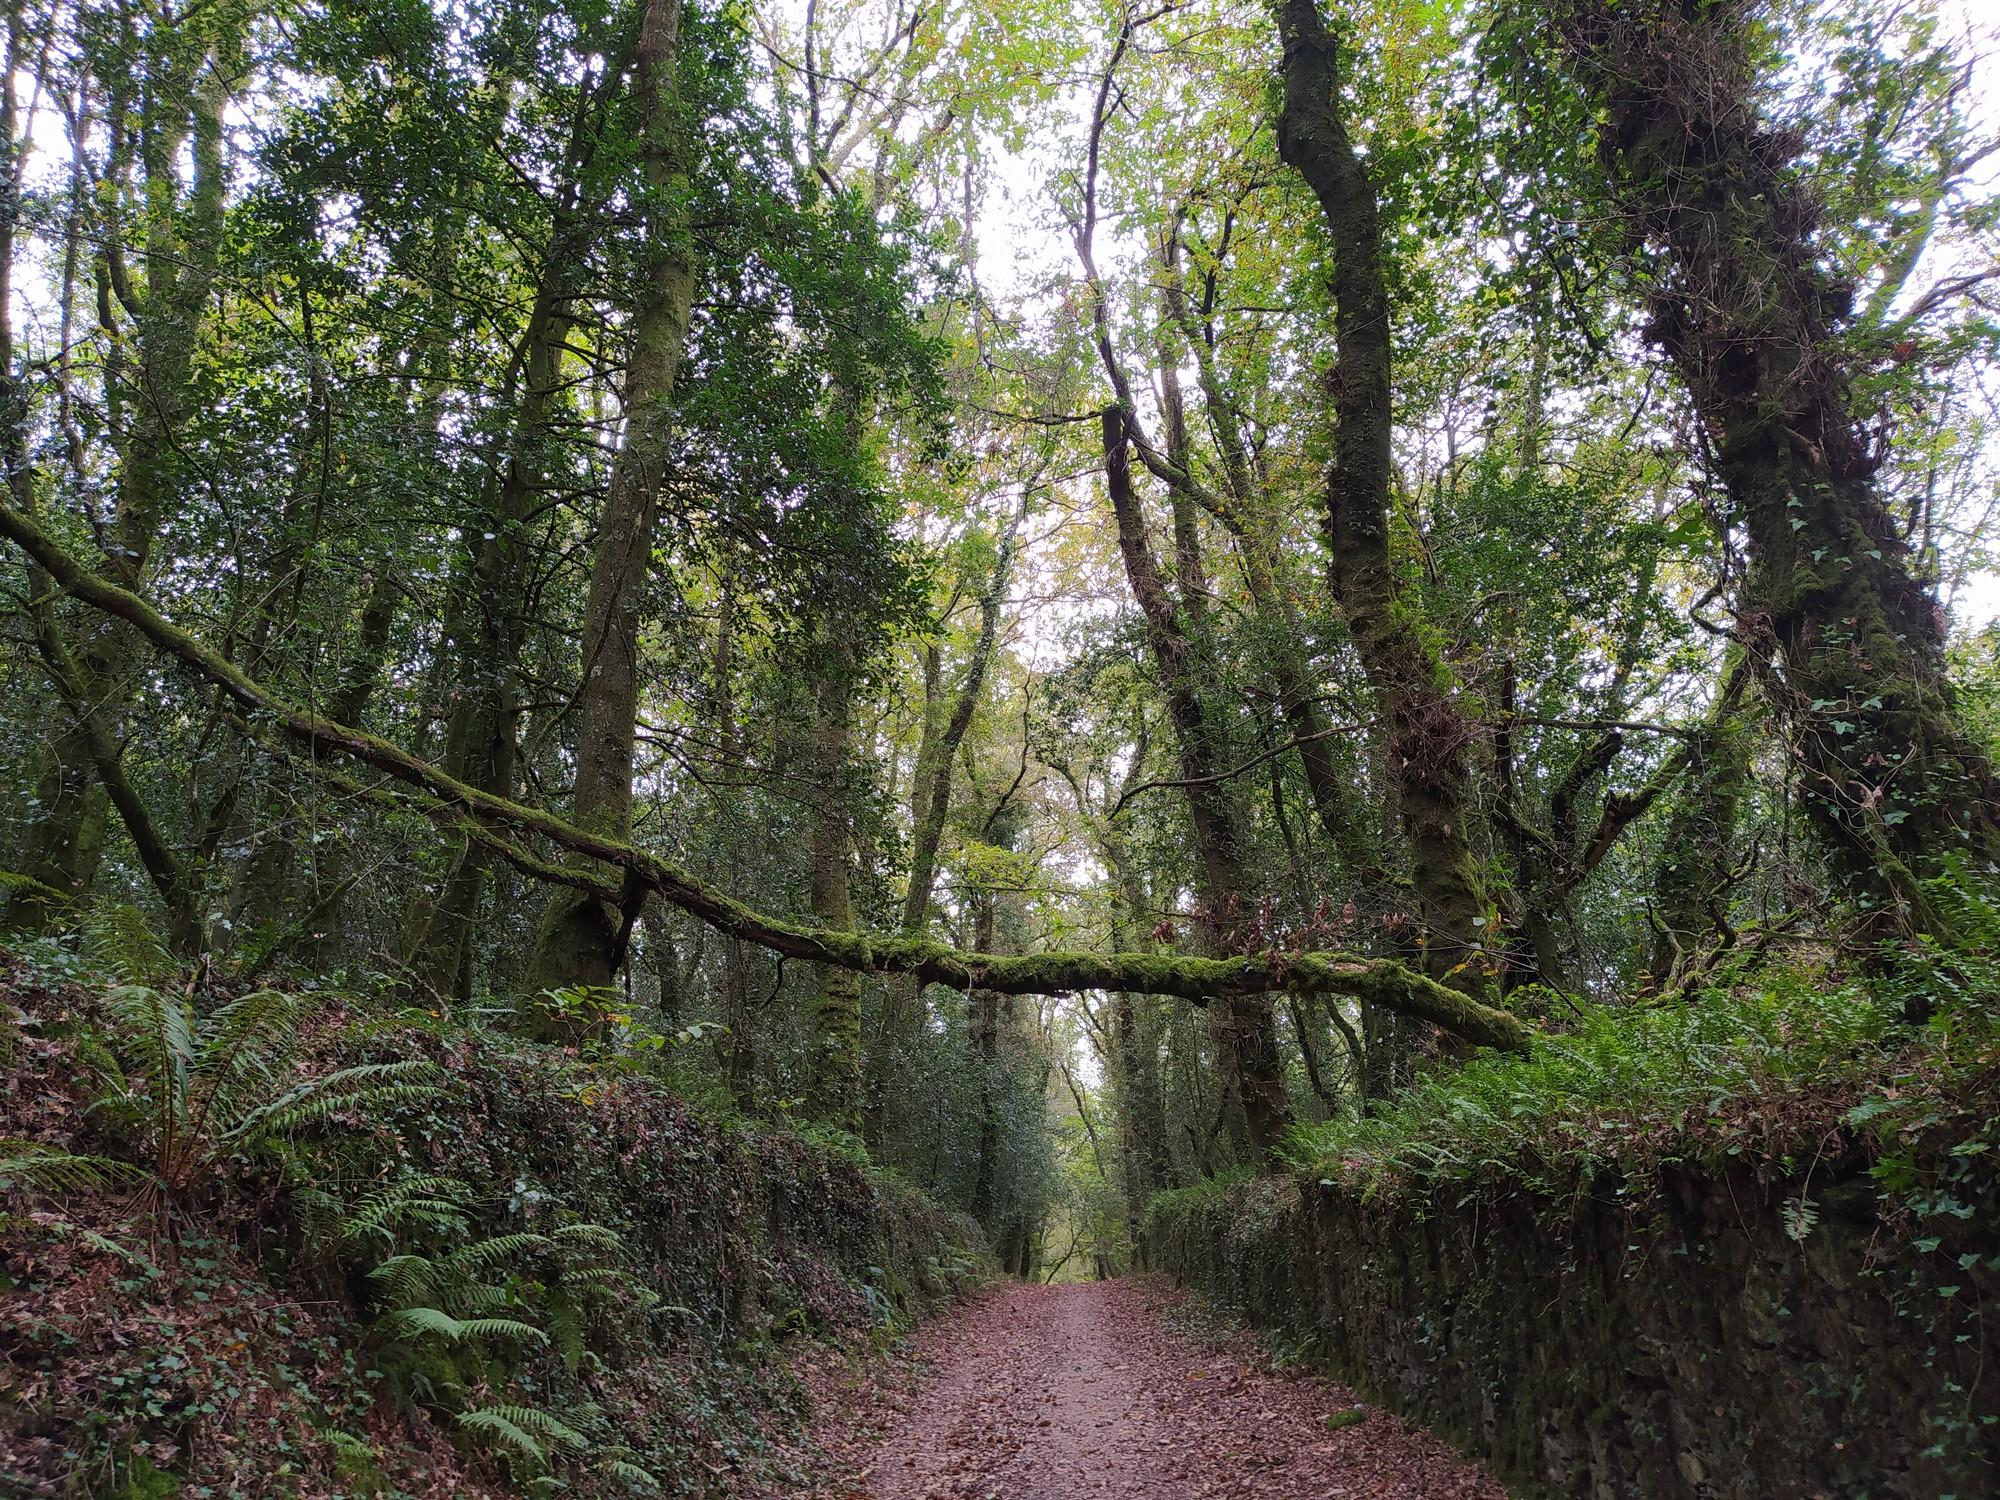 ruta da carballeira sobrado dos monxes 14 - Senderismo en Sobrado dos Monxes: ruta da carballeira